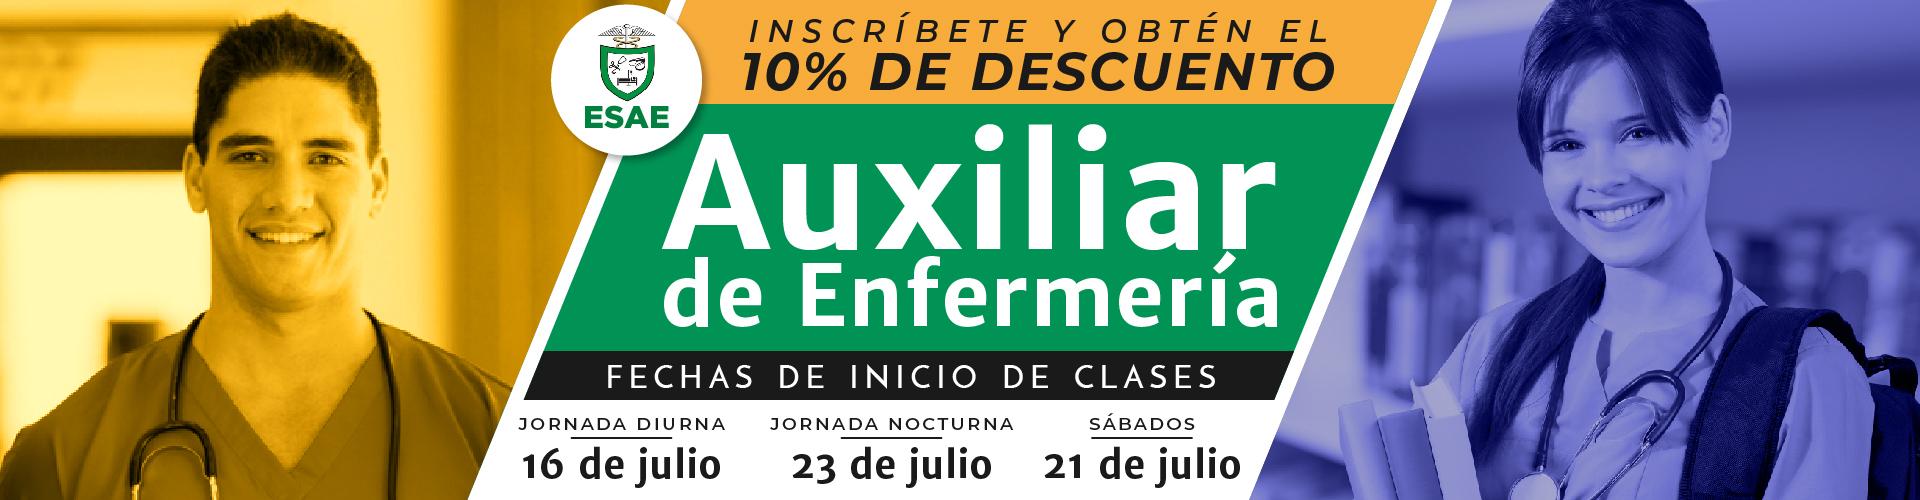 http://www.esaesas.edu.co/wp-content/uploads/2018/07/banner-06.jpg